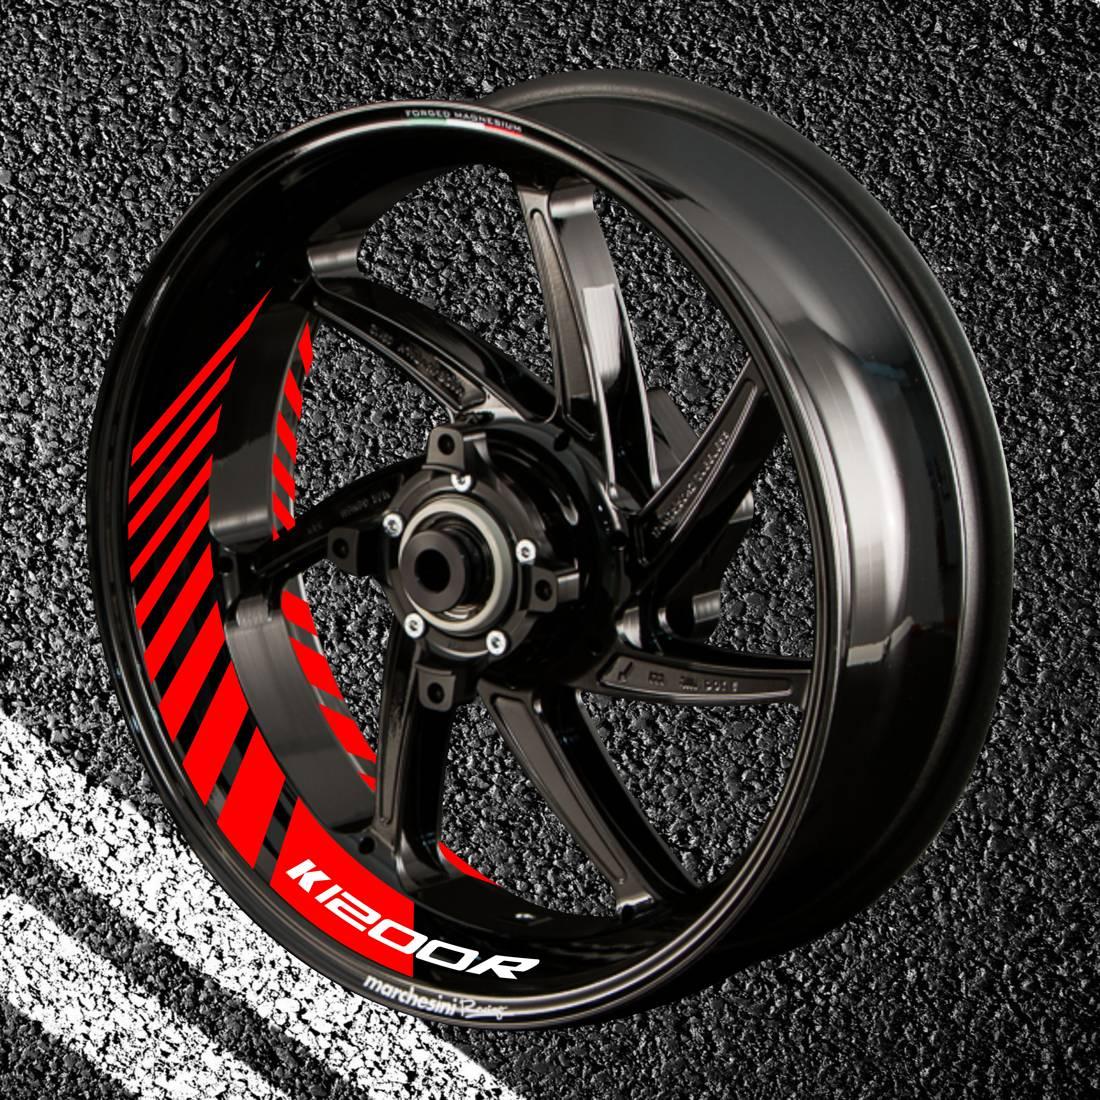 Комплект наклеек с полосами на колеса мотоцикла BMW K-1200-R